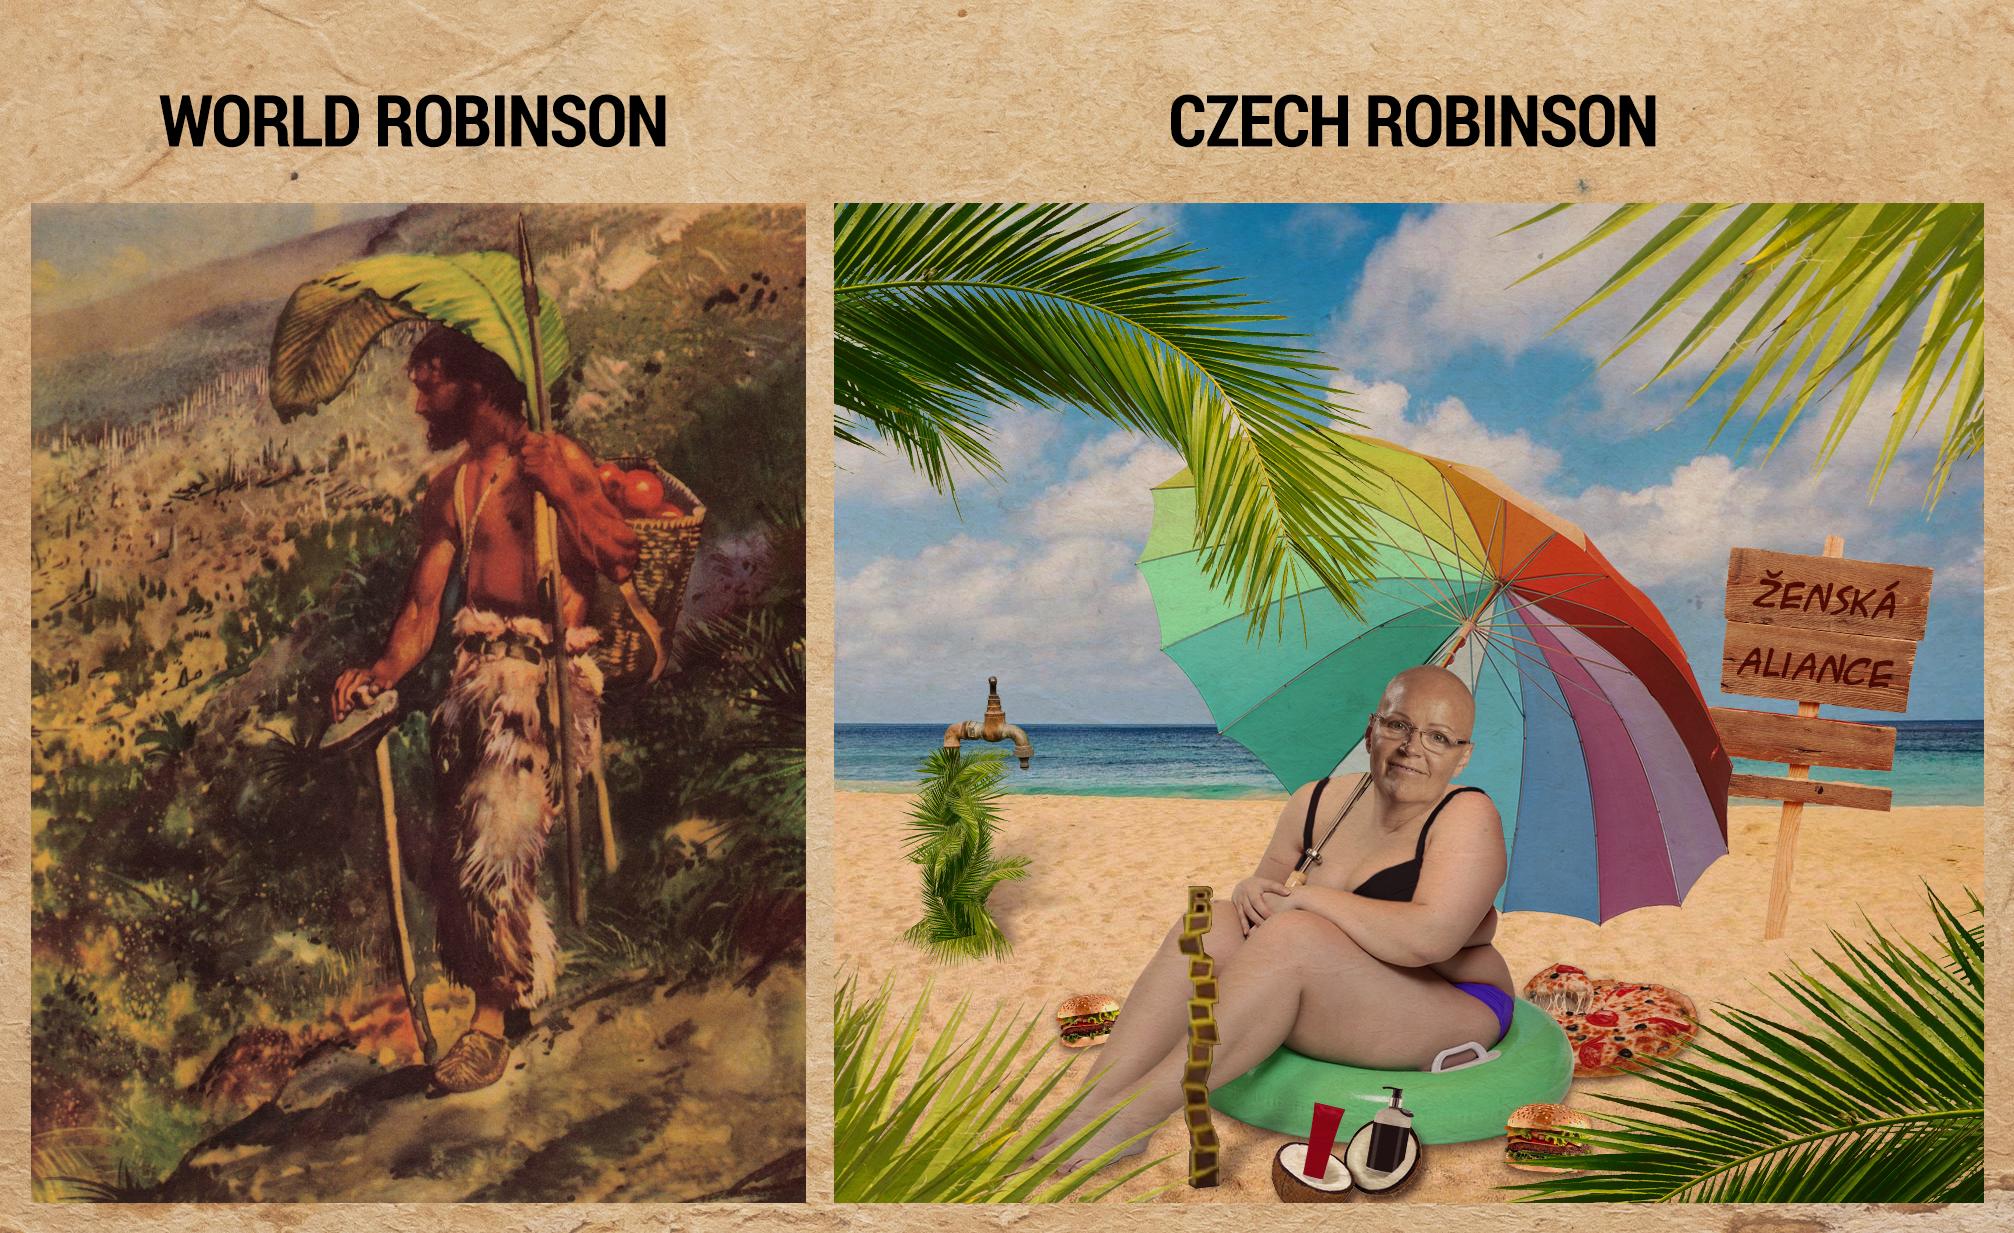 Czech Robinson